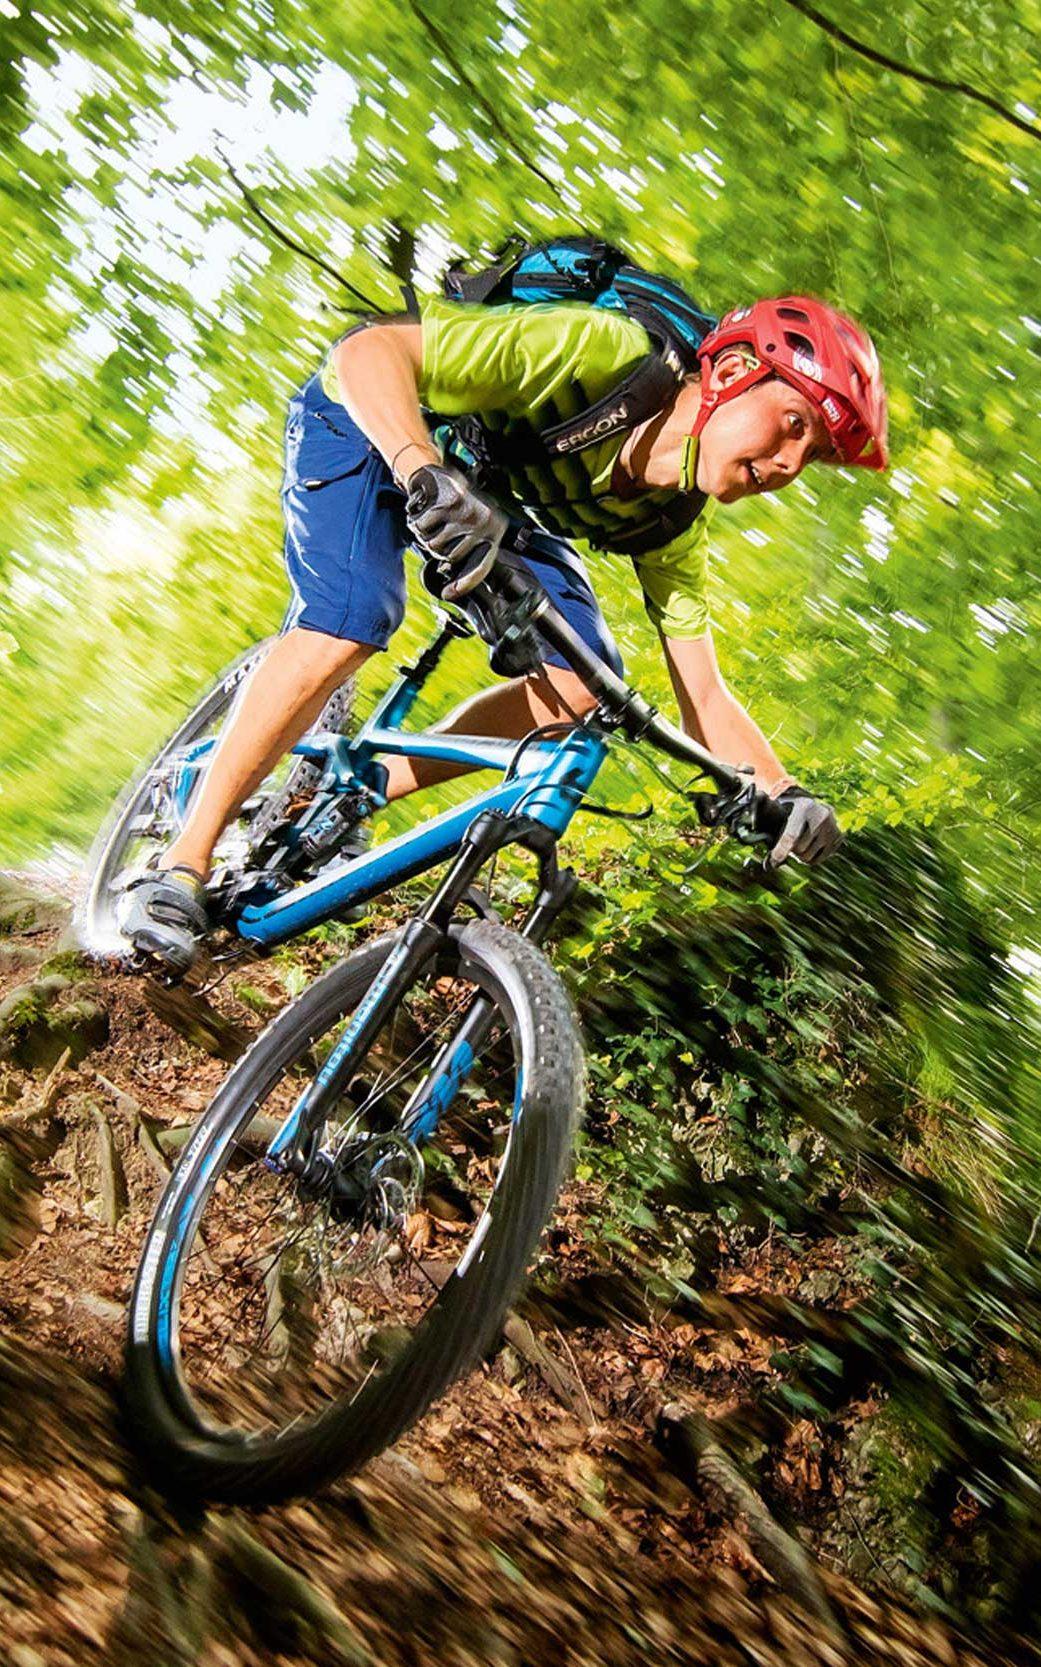 RAD+SPORT SCHWALD, Bergamont-Bikes